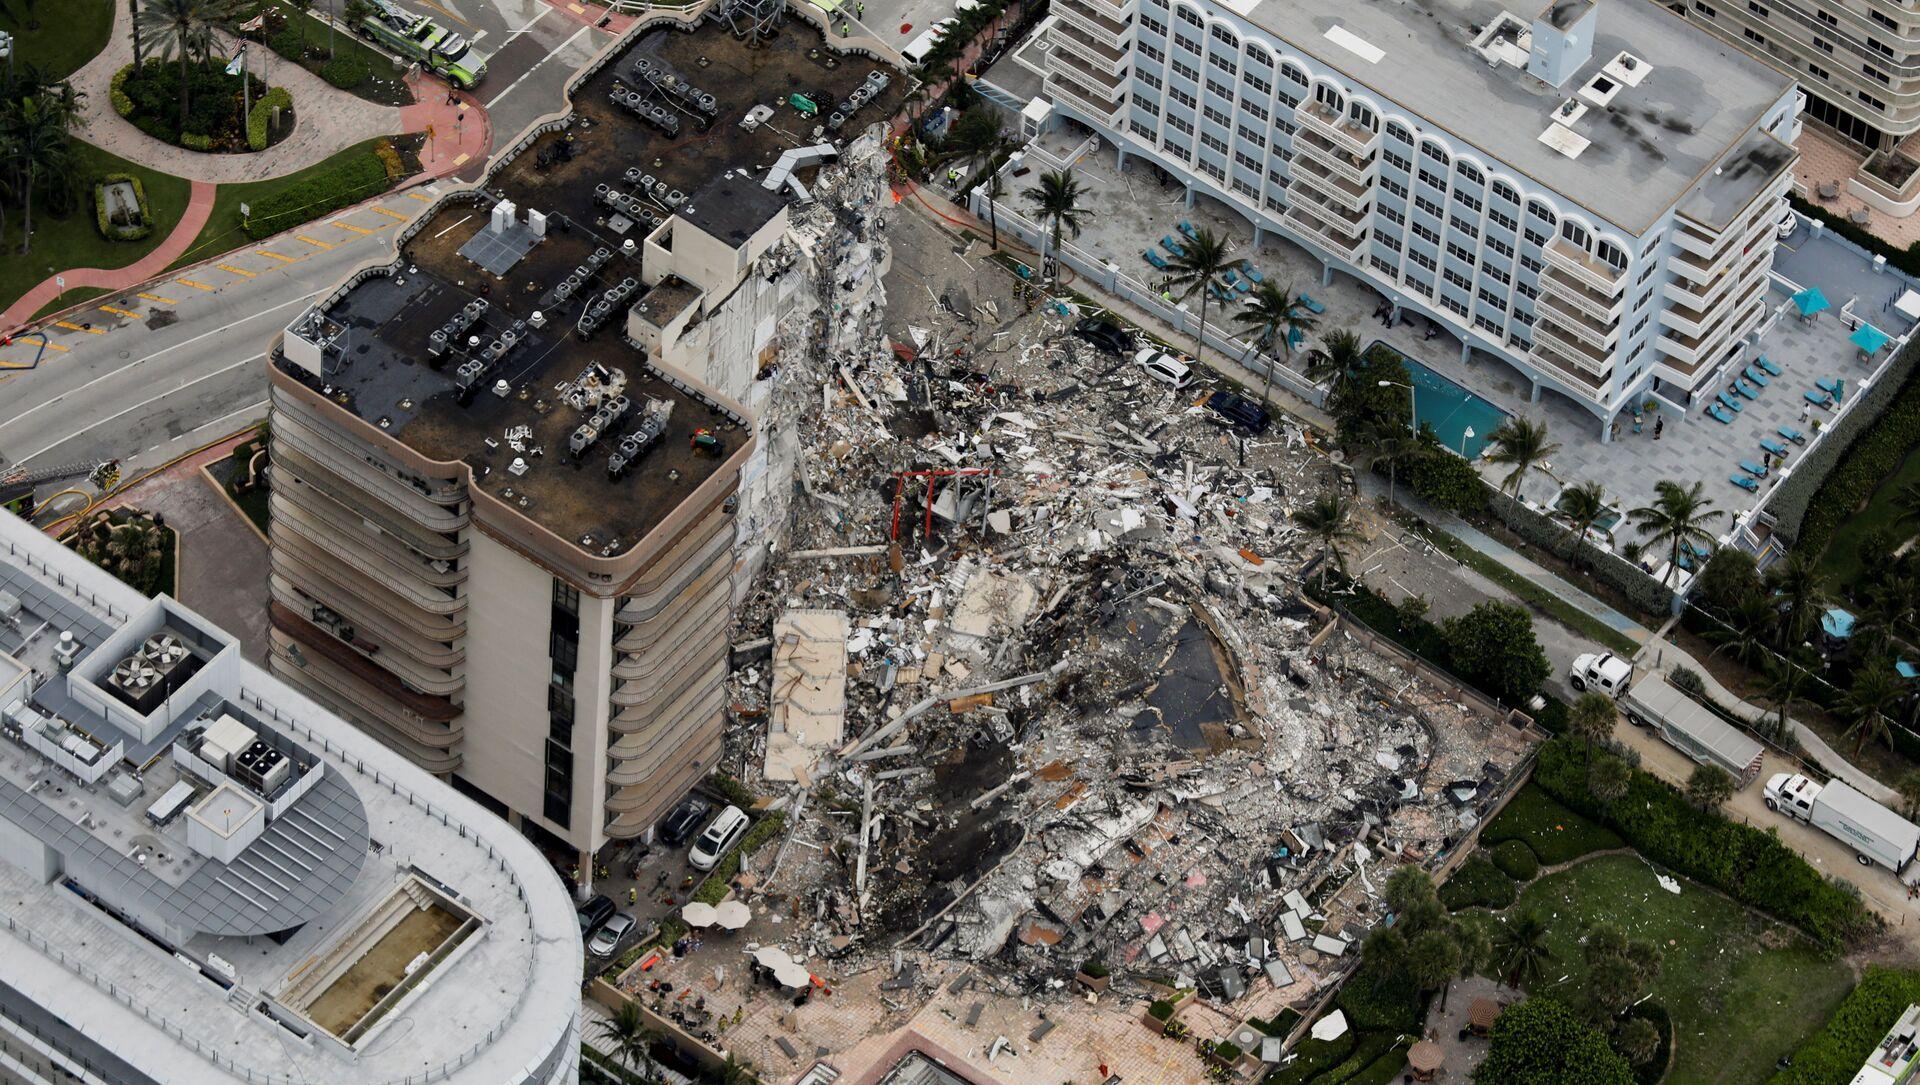 Ostaci delimično urušene zgrade u Majamiju - Sputnik Srbija, 1920, 05.07.2021